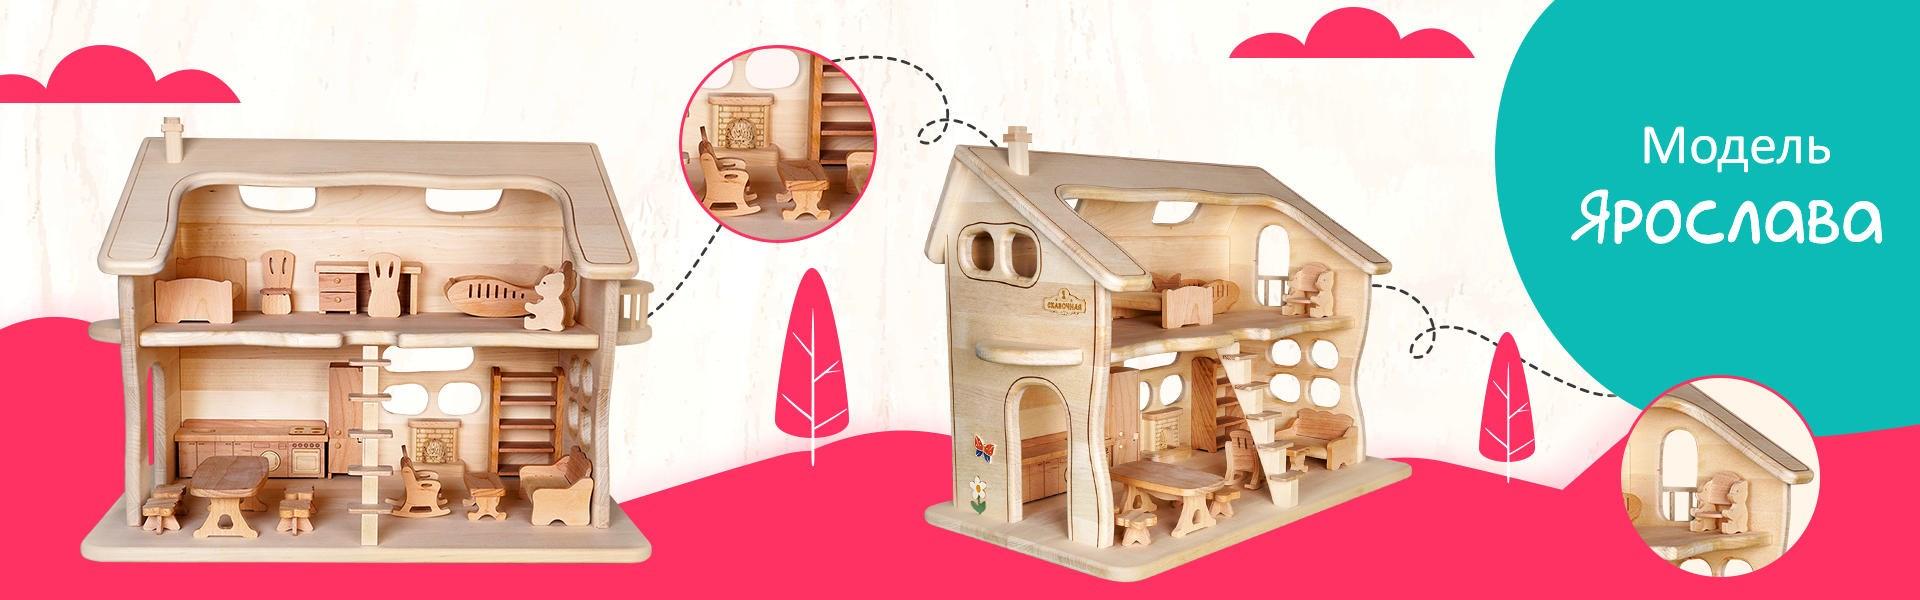 Кукольный домик ЯРОСЛАВА - фото 5261